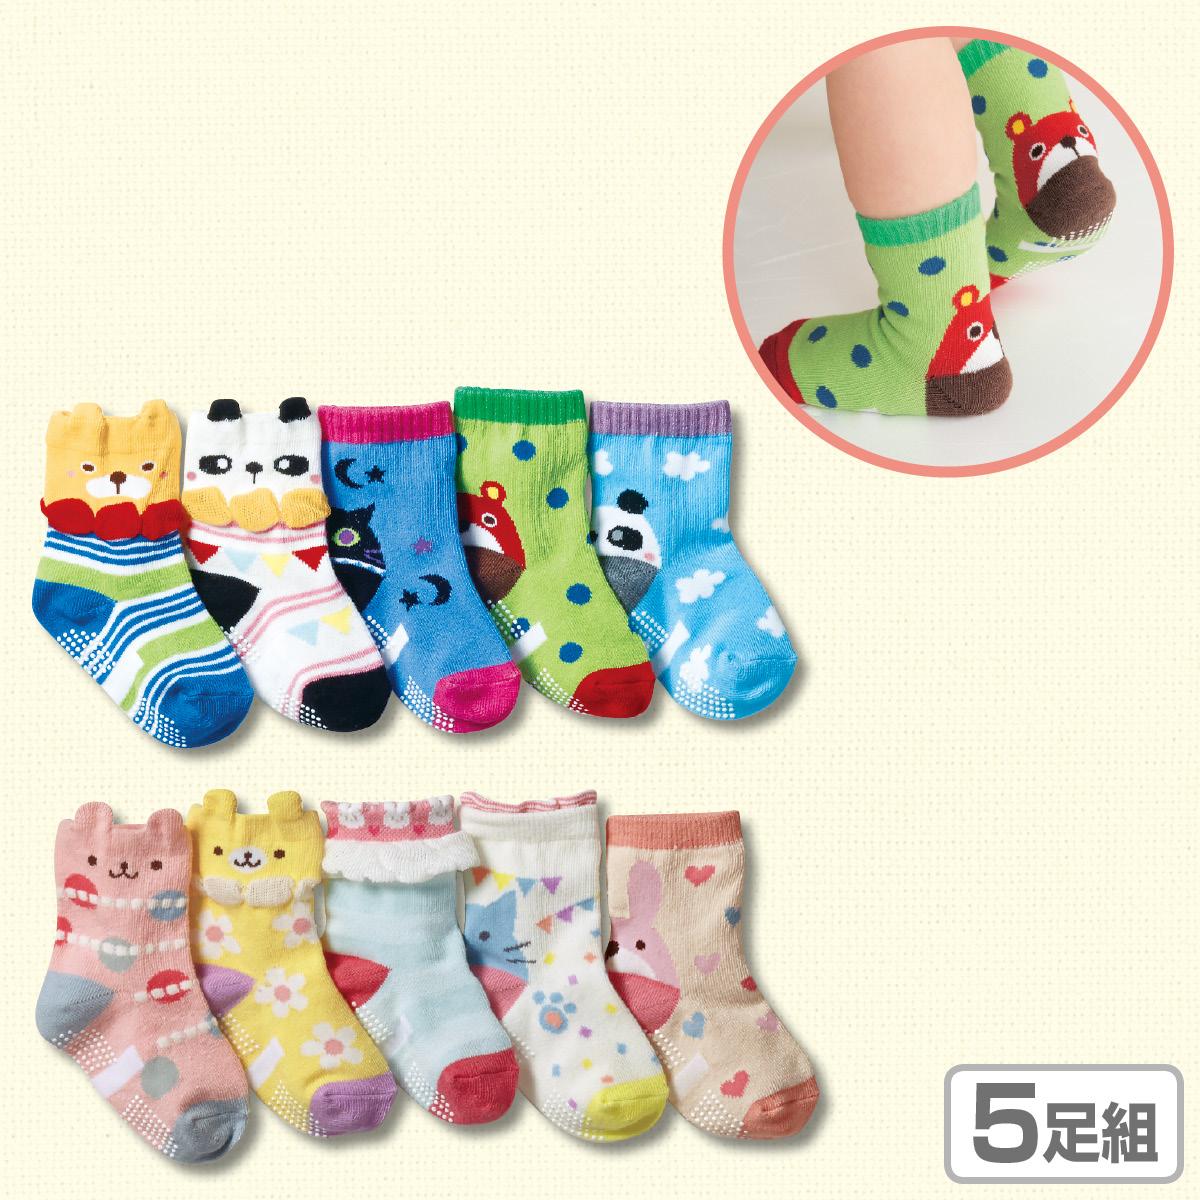 男童襪新款nissen襪子全棉男寶寶襪日系兒童襪純棉春秋嬰兒防滑襪